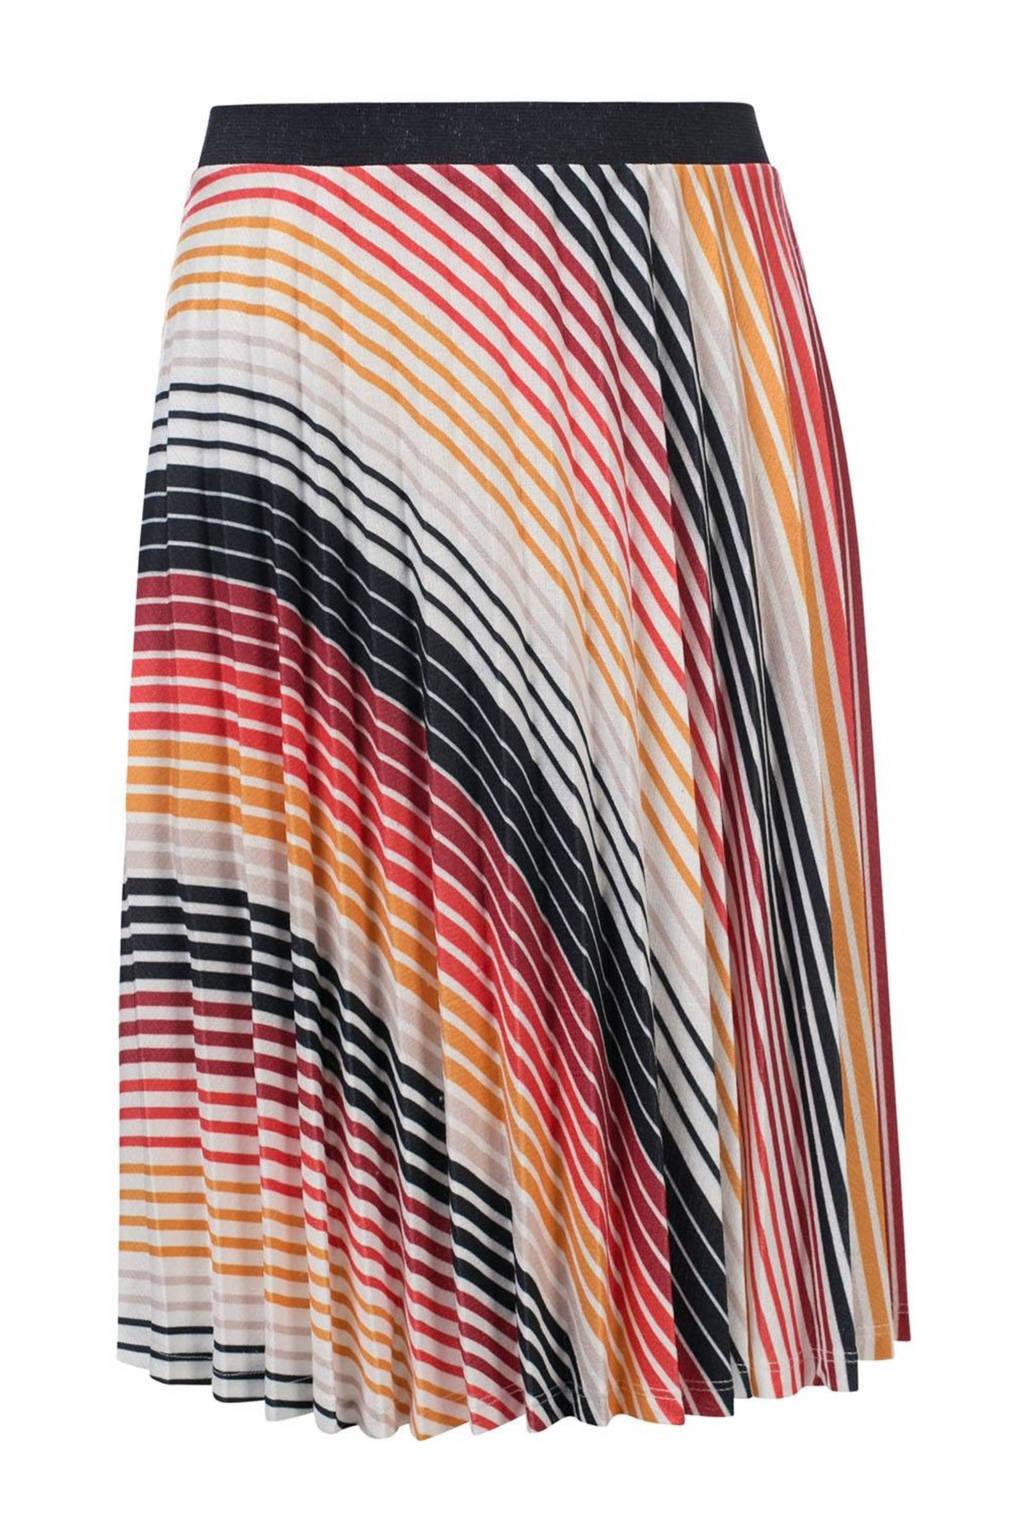 LOOXS 10sixteen gestreepte rok rood/multicolor